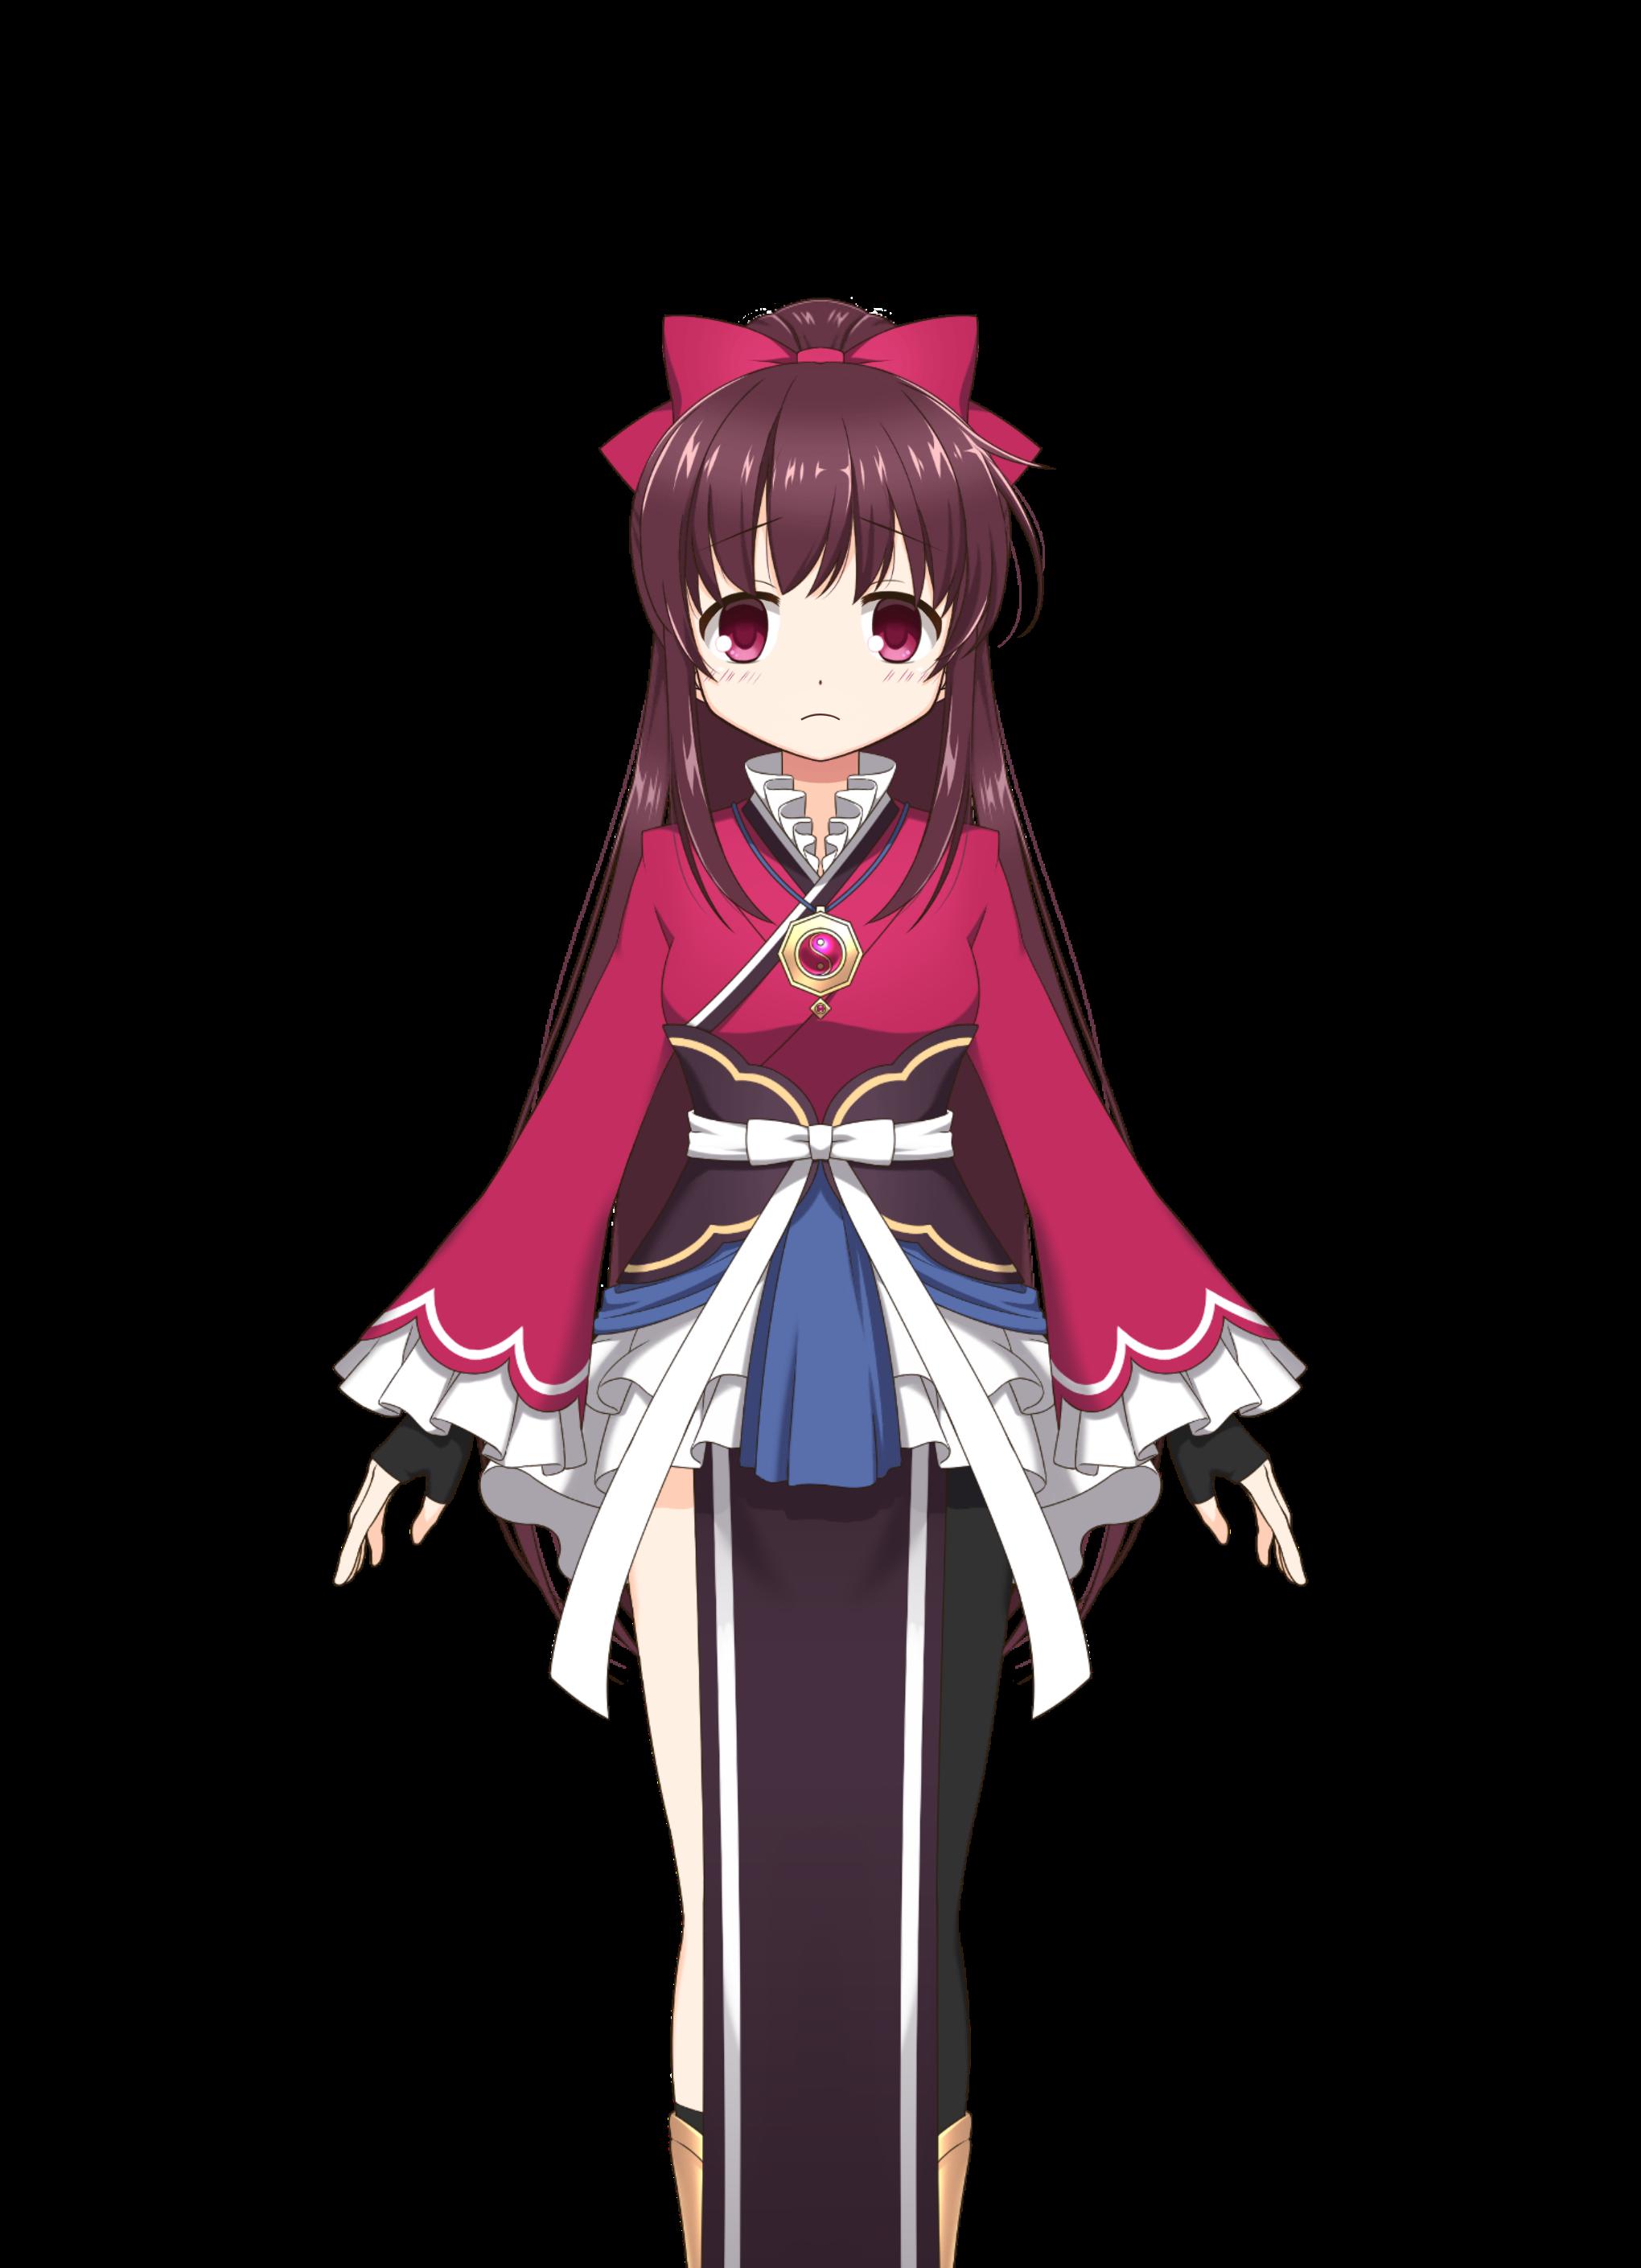 Amane Tsukuyo/Costumes